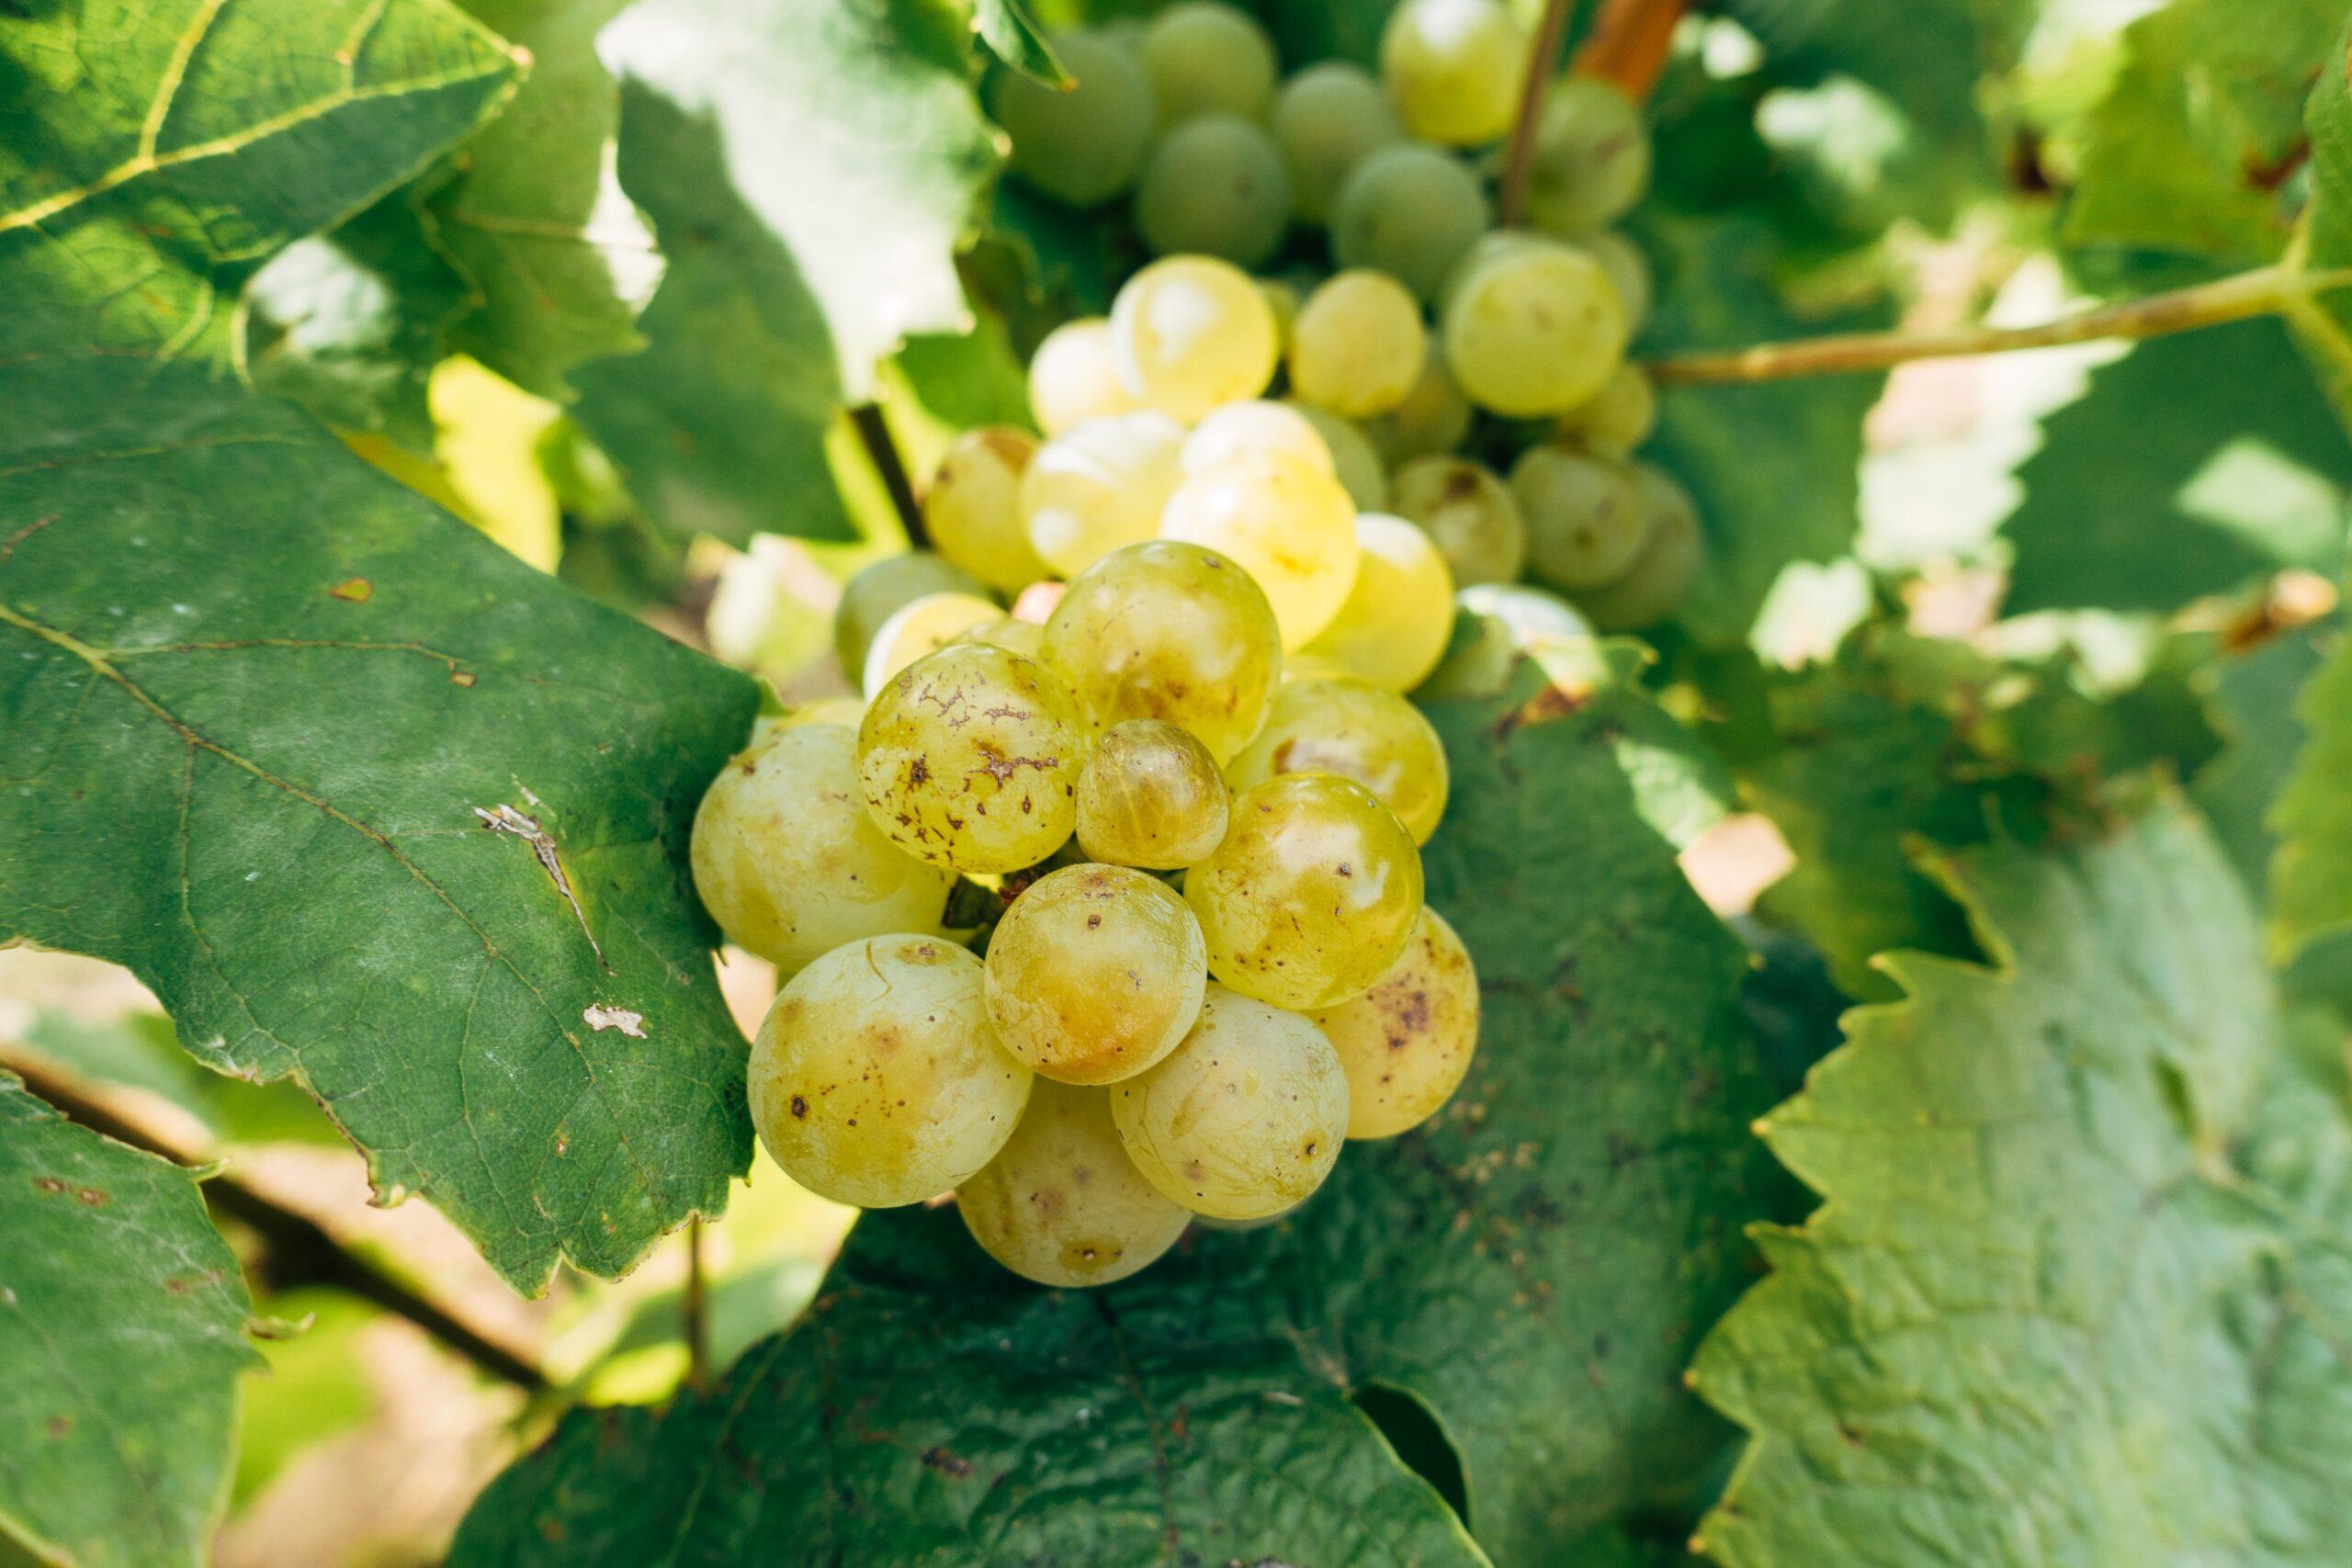 Qué es la uva Chardonnay